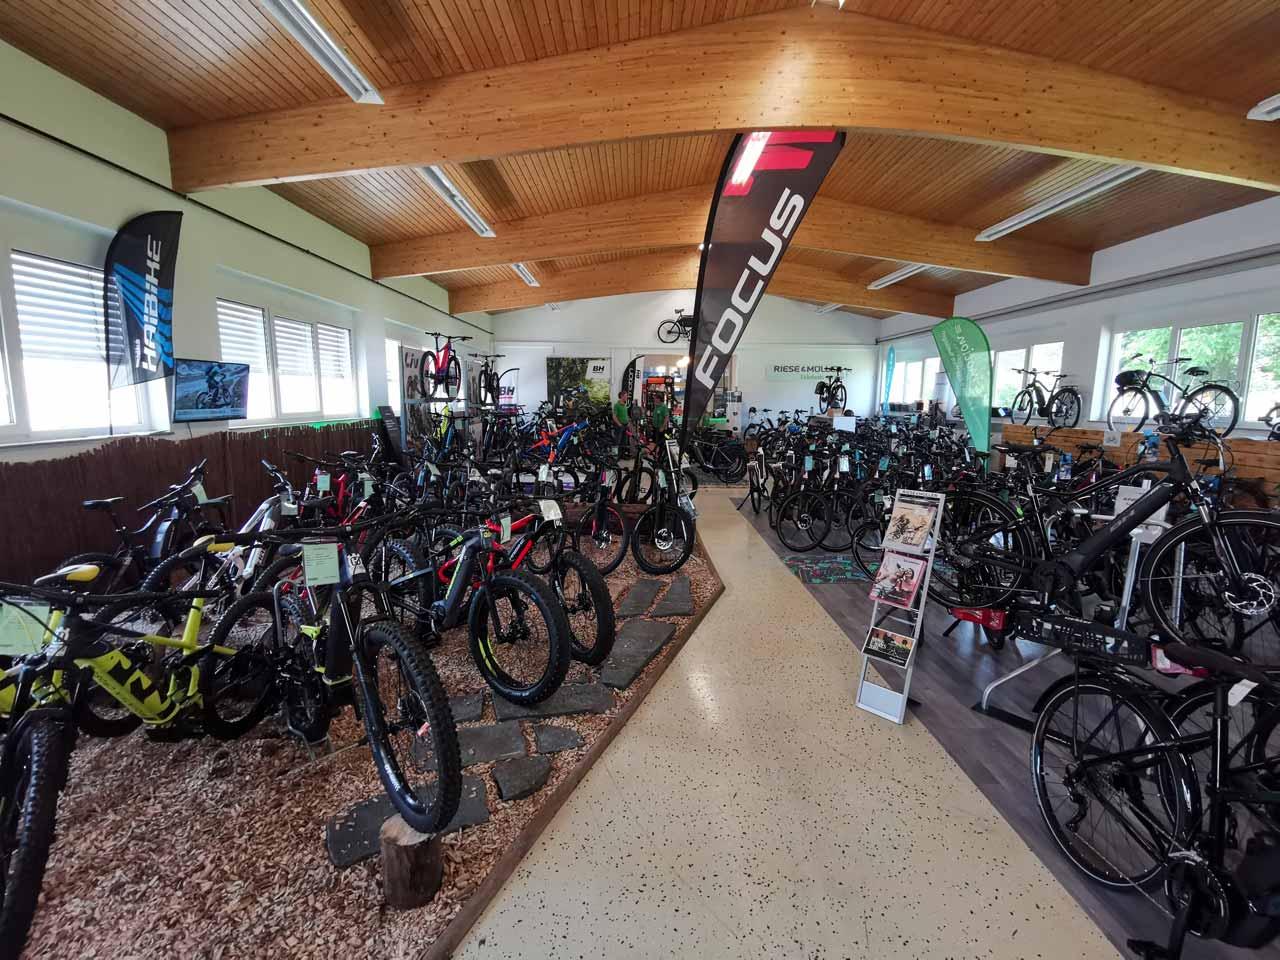 Unsere riesige e-Bike Auswahl - Wir haben für Jeden das richtige Modell im Sortiment!